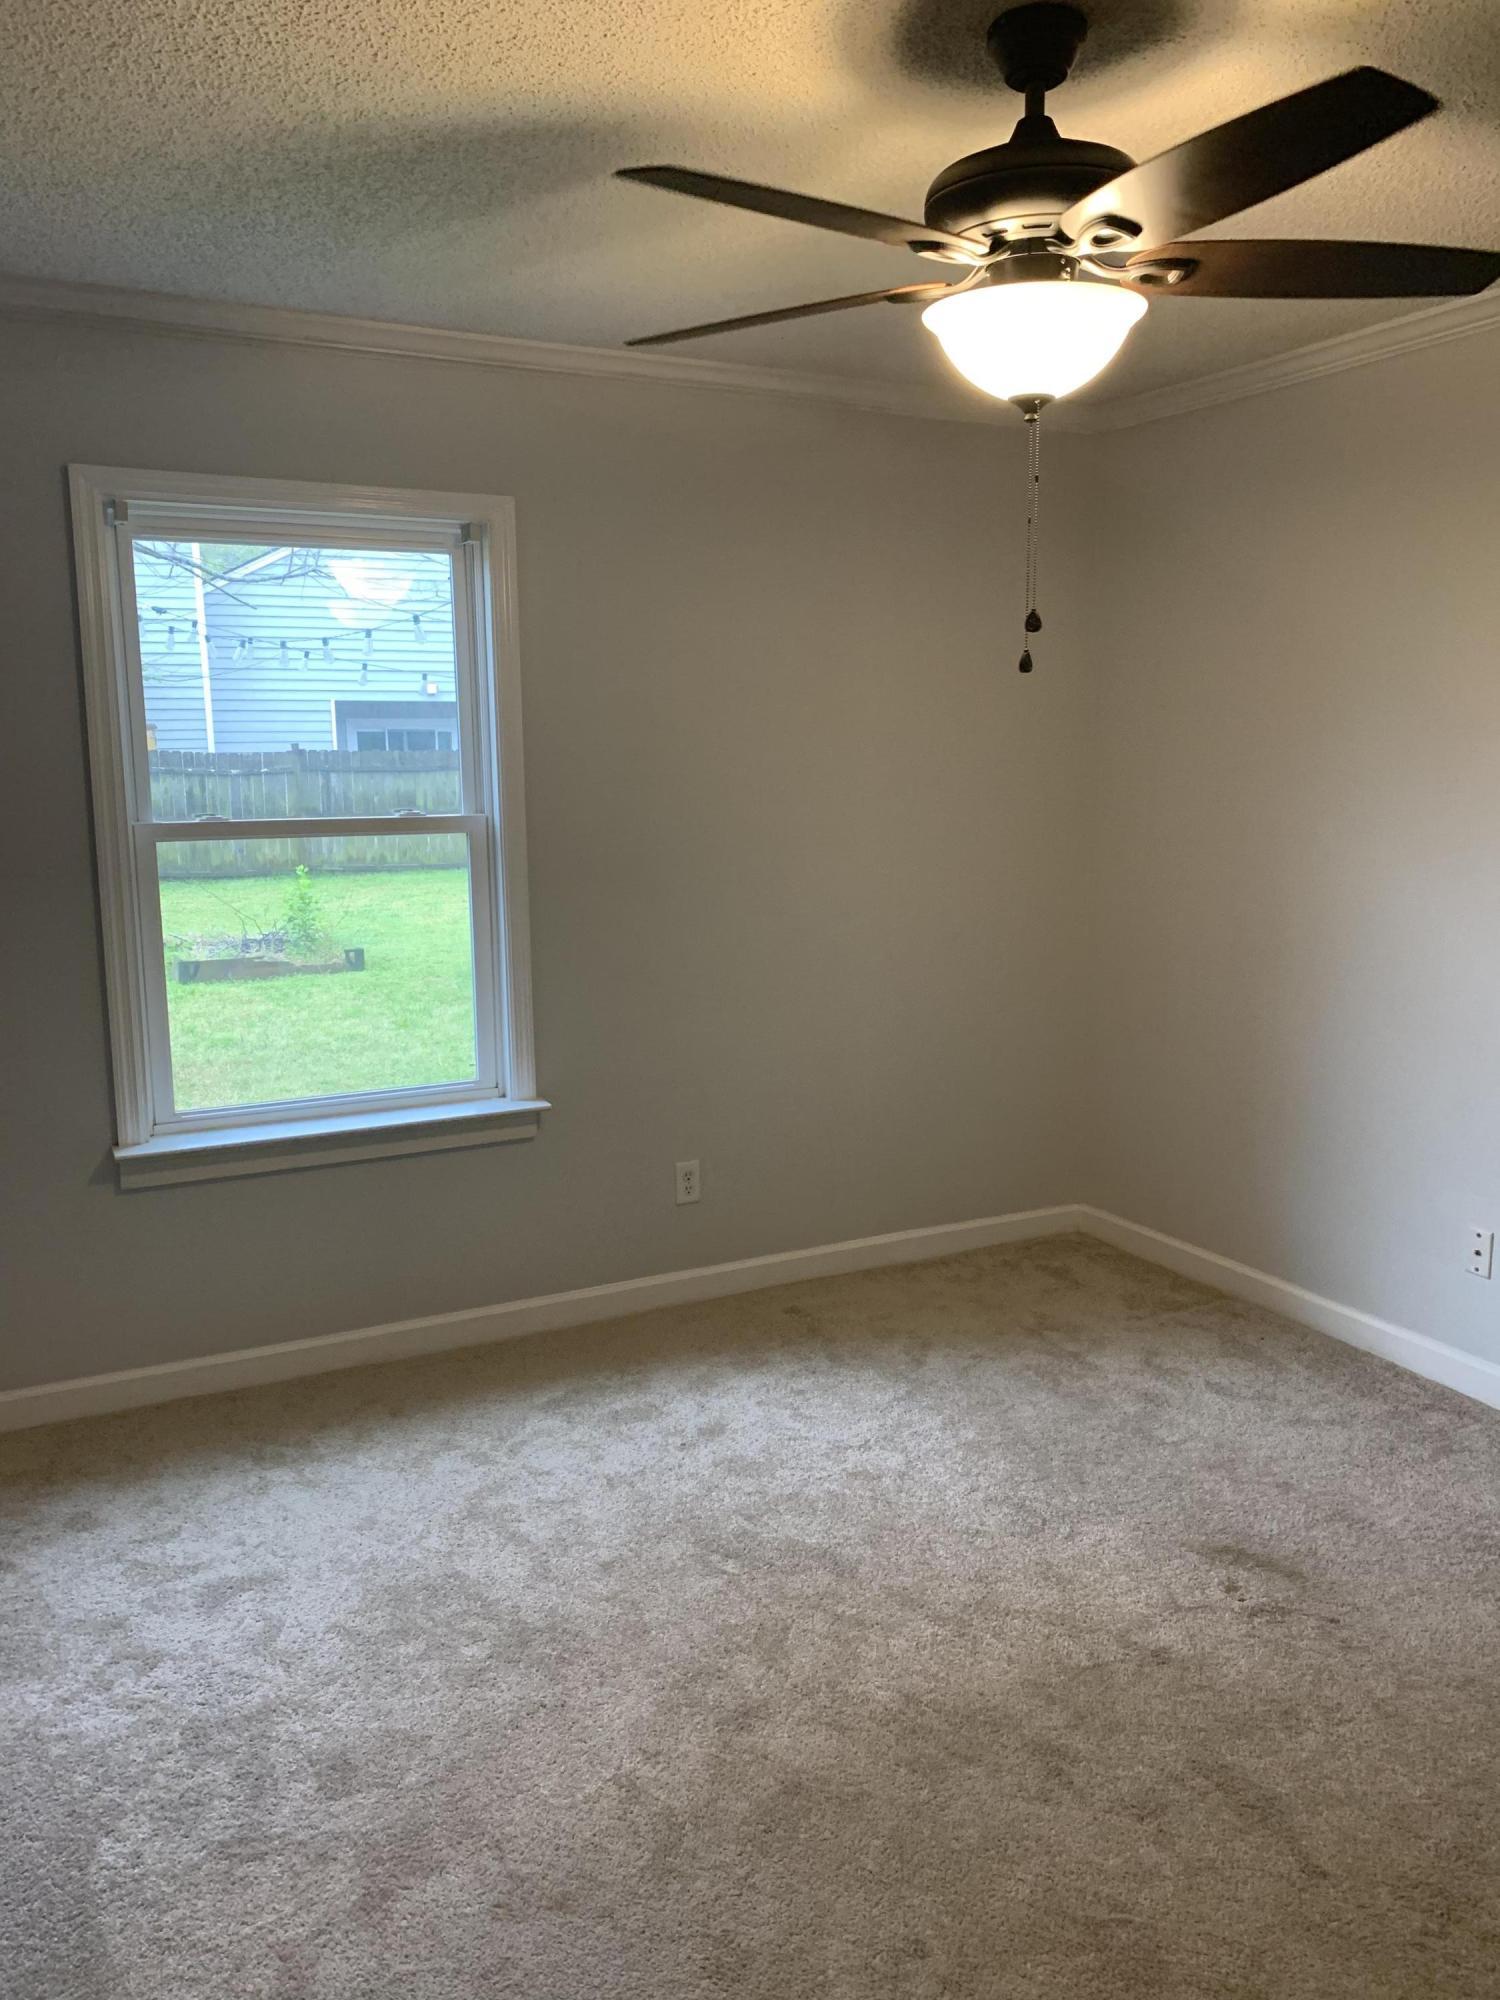 Willow Walk Homes For Sale - 1144 Oakcrest, Charleston, SC - 11